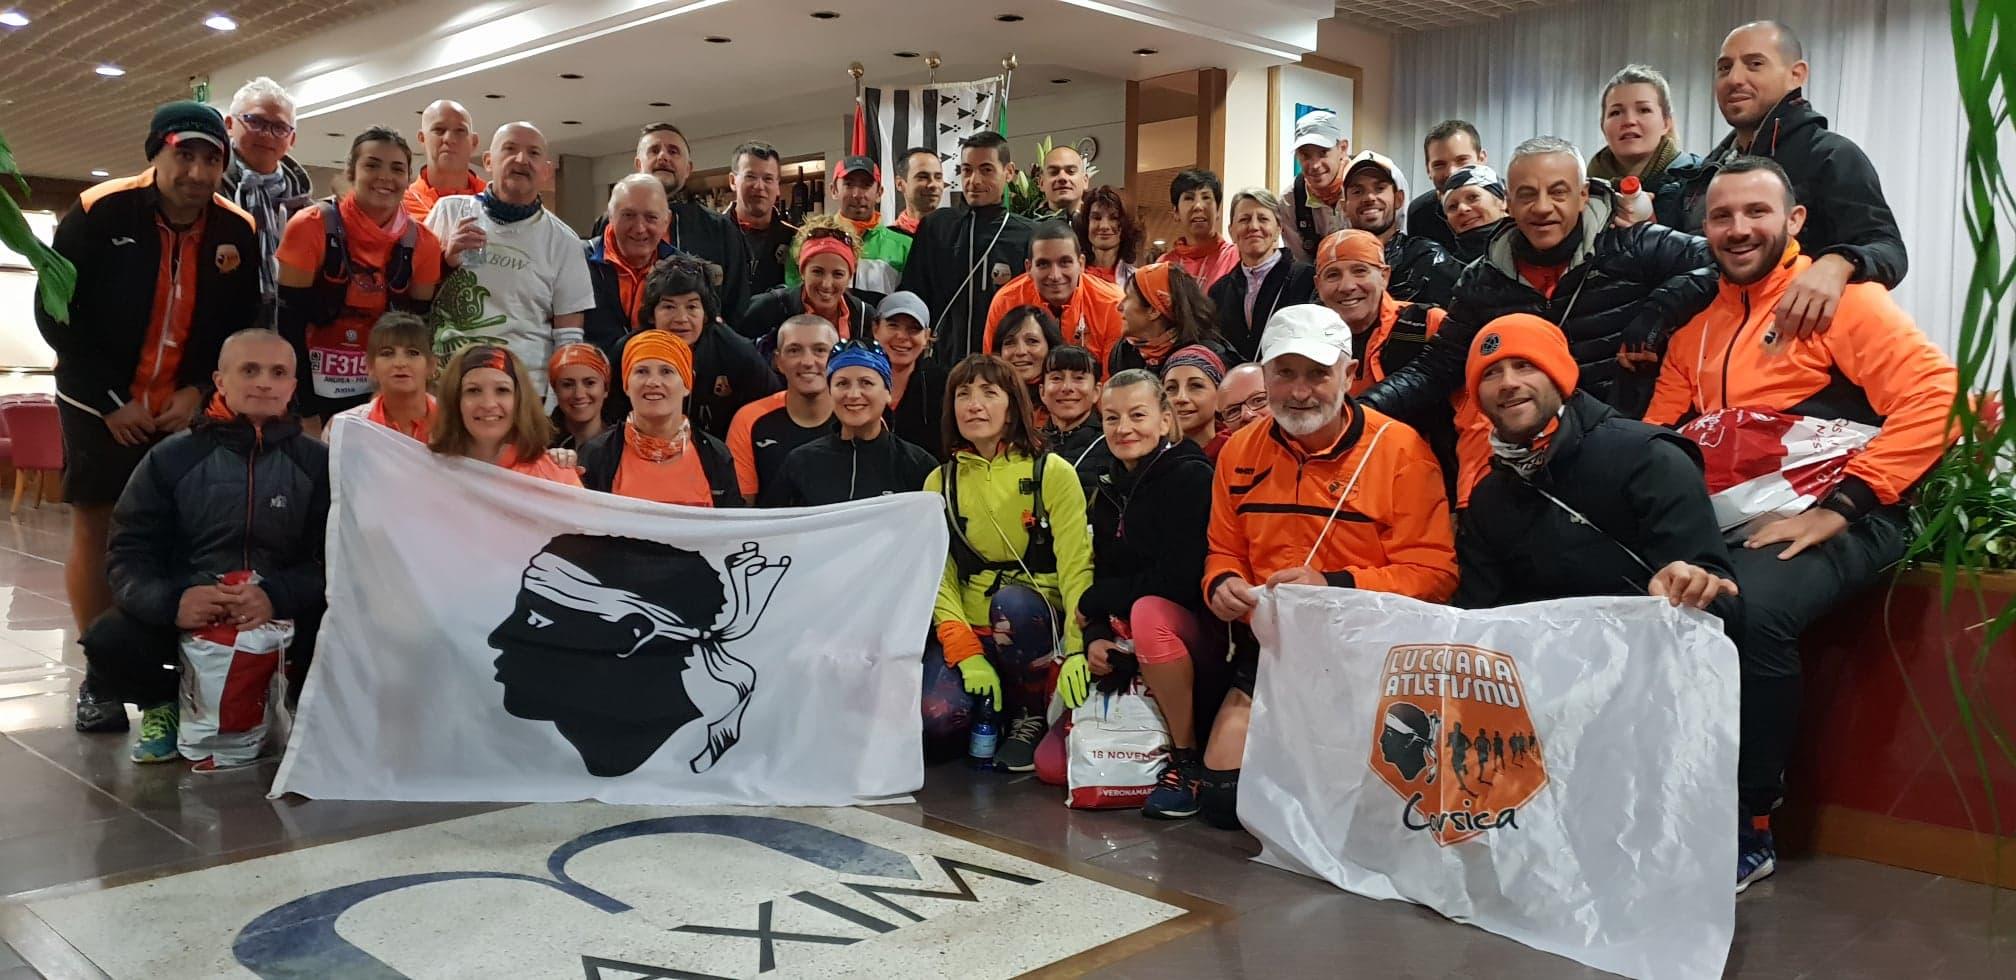 Lucciana Atletismu : De belles performances au marathon de Verone